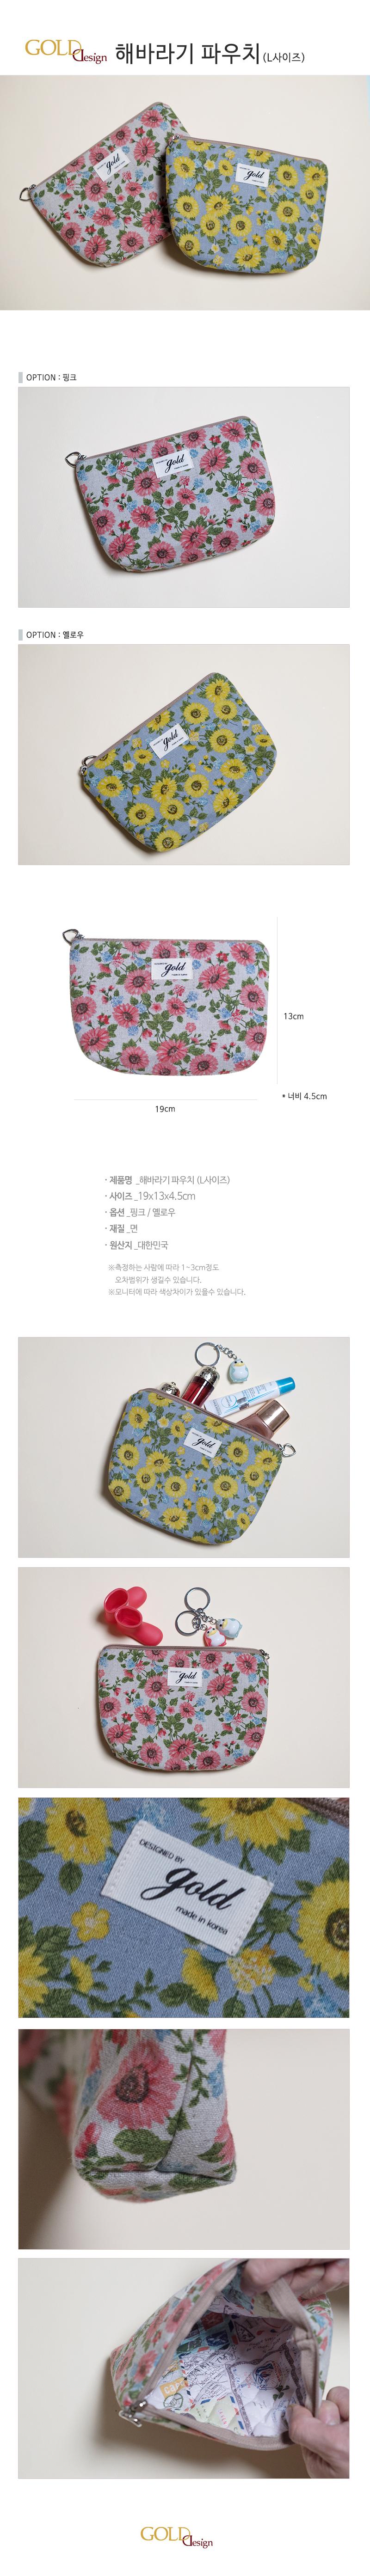 해바라기 파우치 L사이즈 - 골드디자인, 12,500원, 화장품파우치, 패브릭